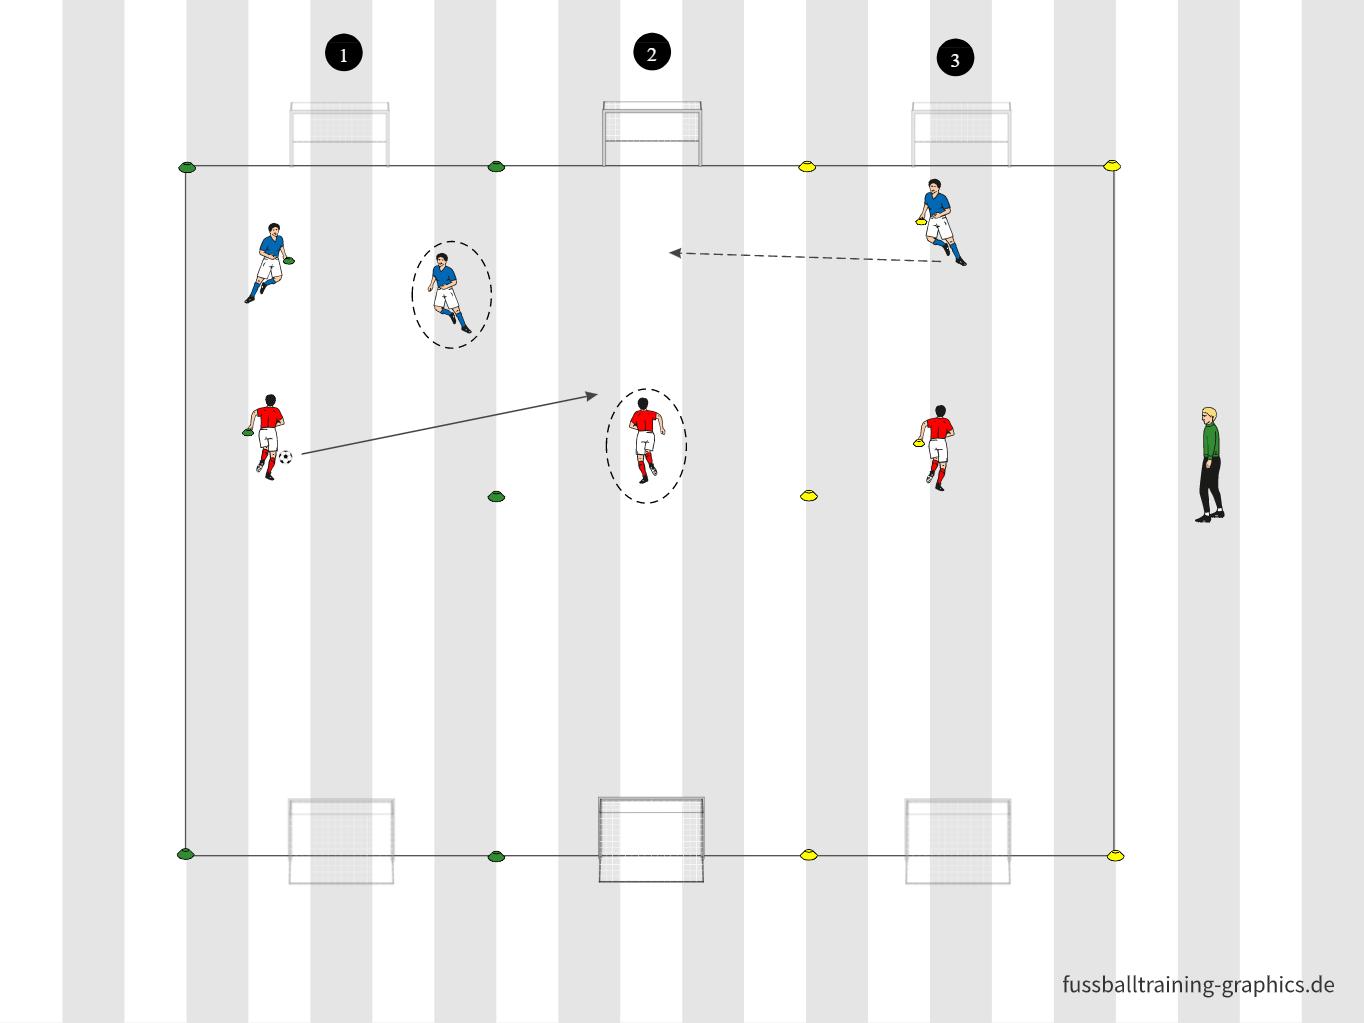 Spielform: Spurenfußball im 3 gegen 3